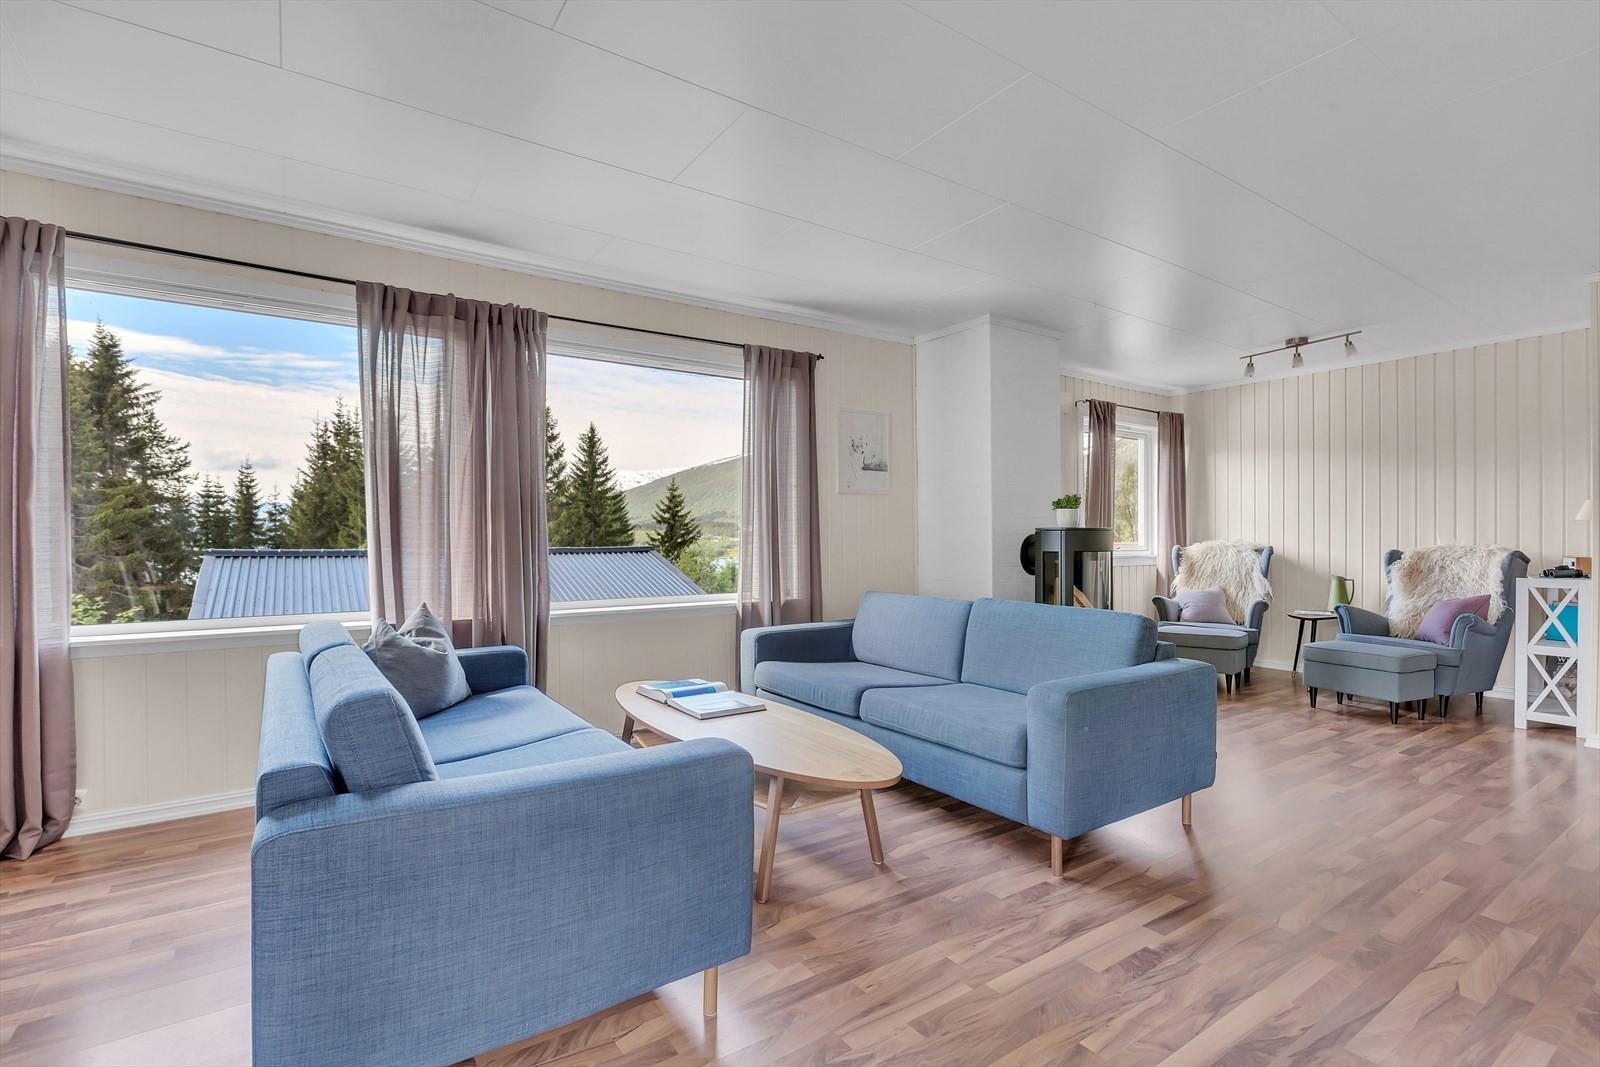 Lys og innbydende stue med gode vindusflater